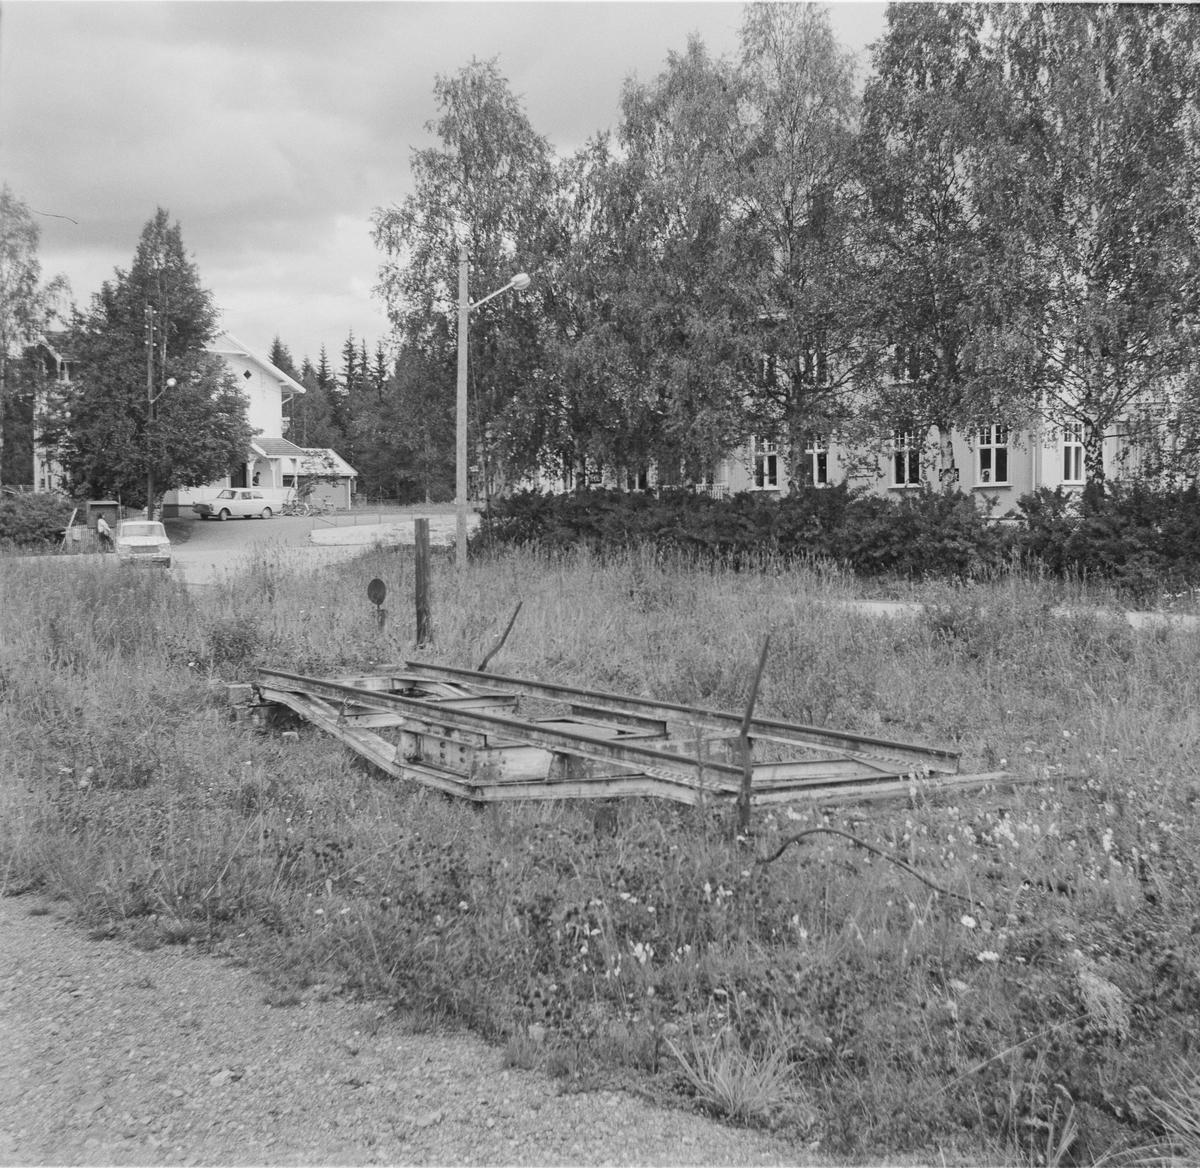 Sporet til Kongsberg gamle stasjon. Kongsberg fikk ny stasjon i 1917 i forbindelse med byggingen av Sørlandsbanen, og linjen ble lagt om, utenom den opprinnelige stasjonen.